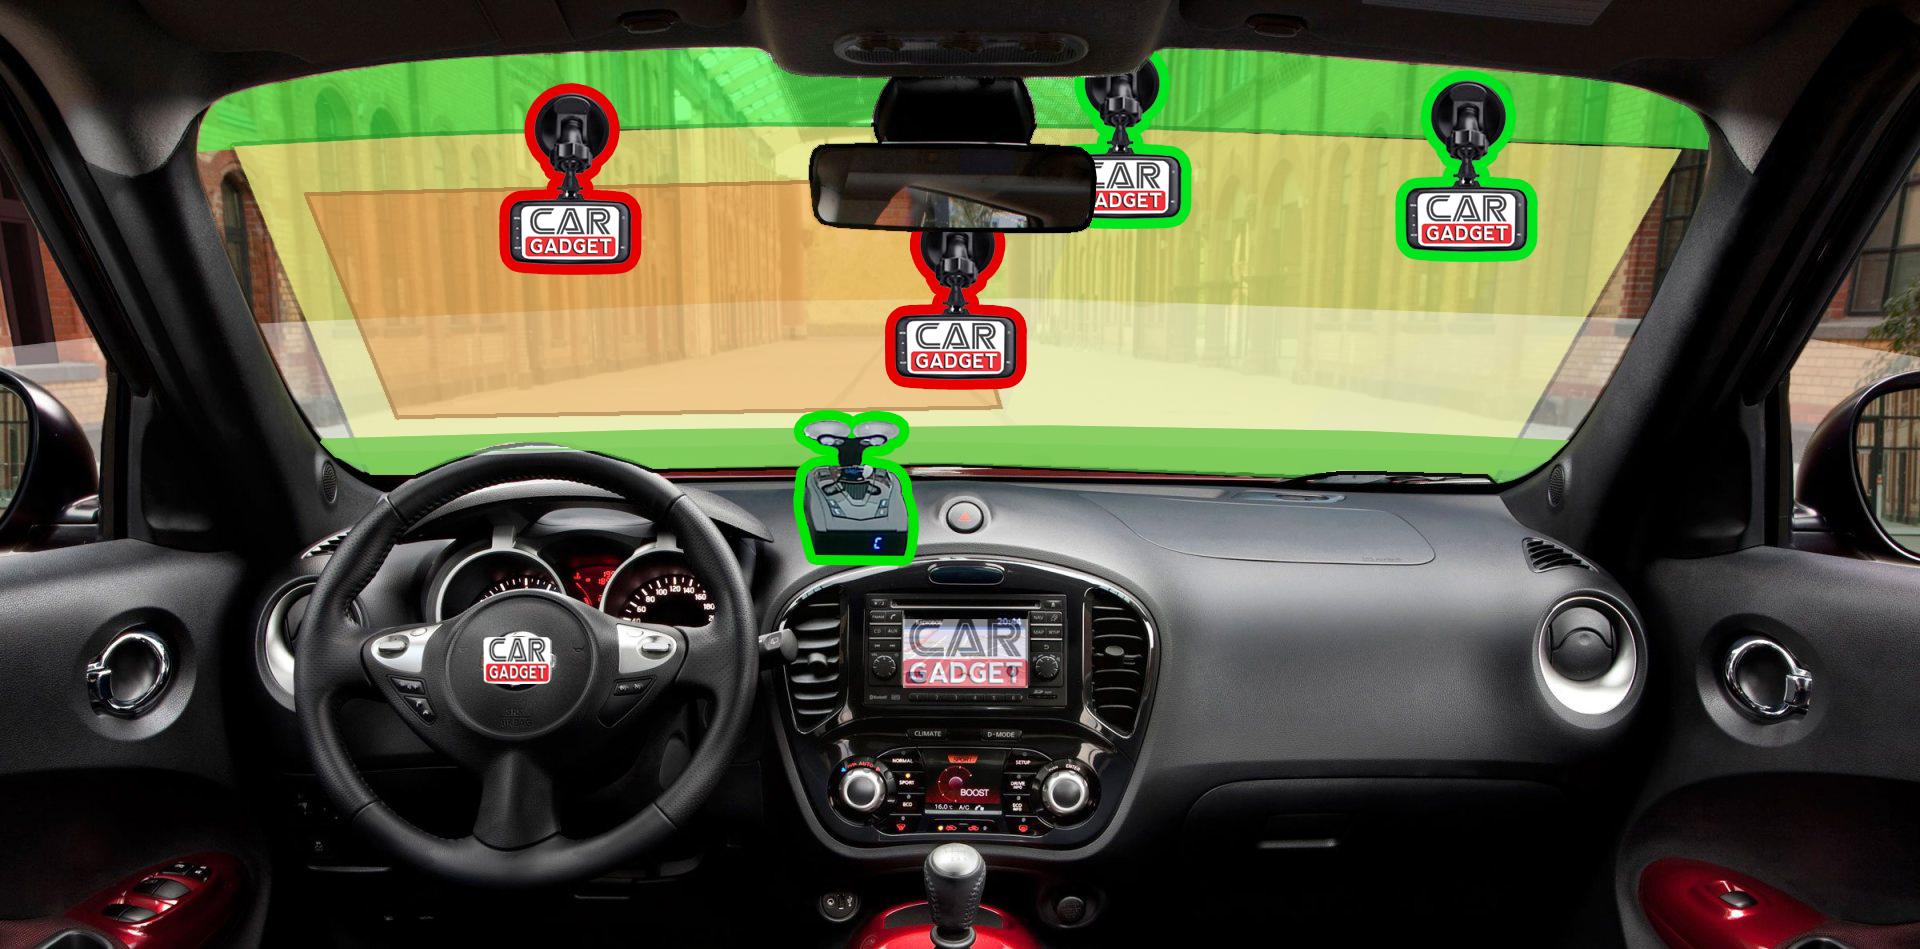 Как установить видеорегистратор к лобовому стеклу видеорегистраторы in russia